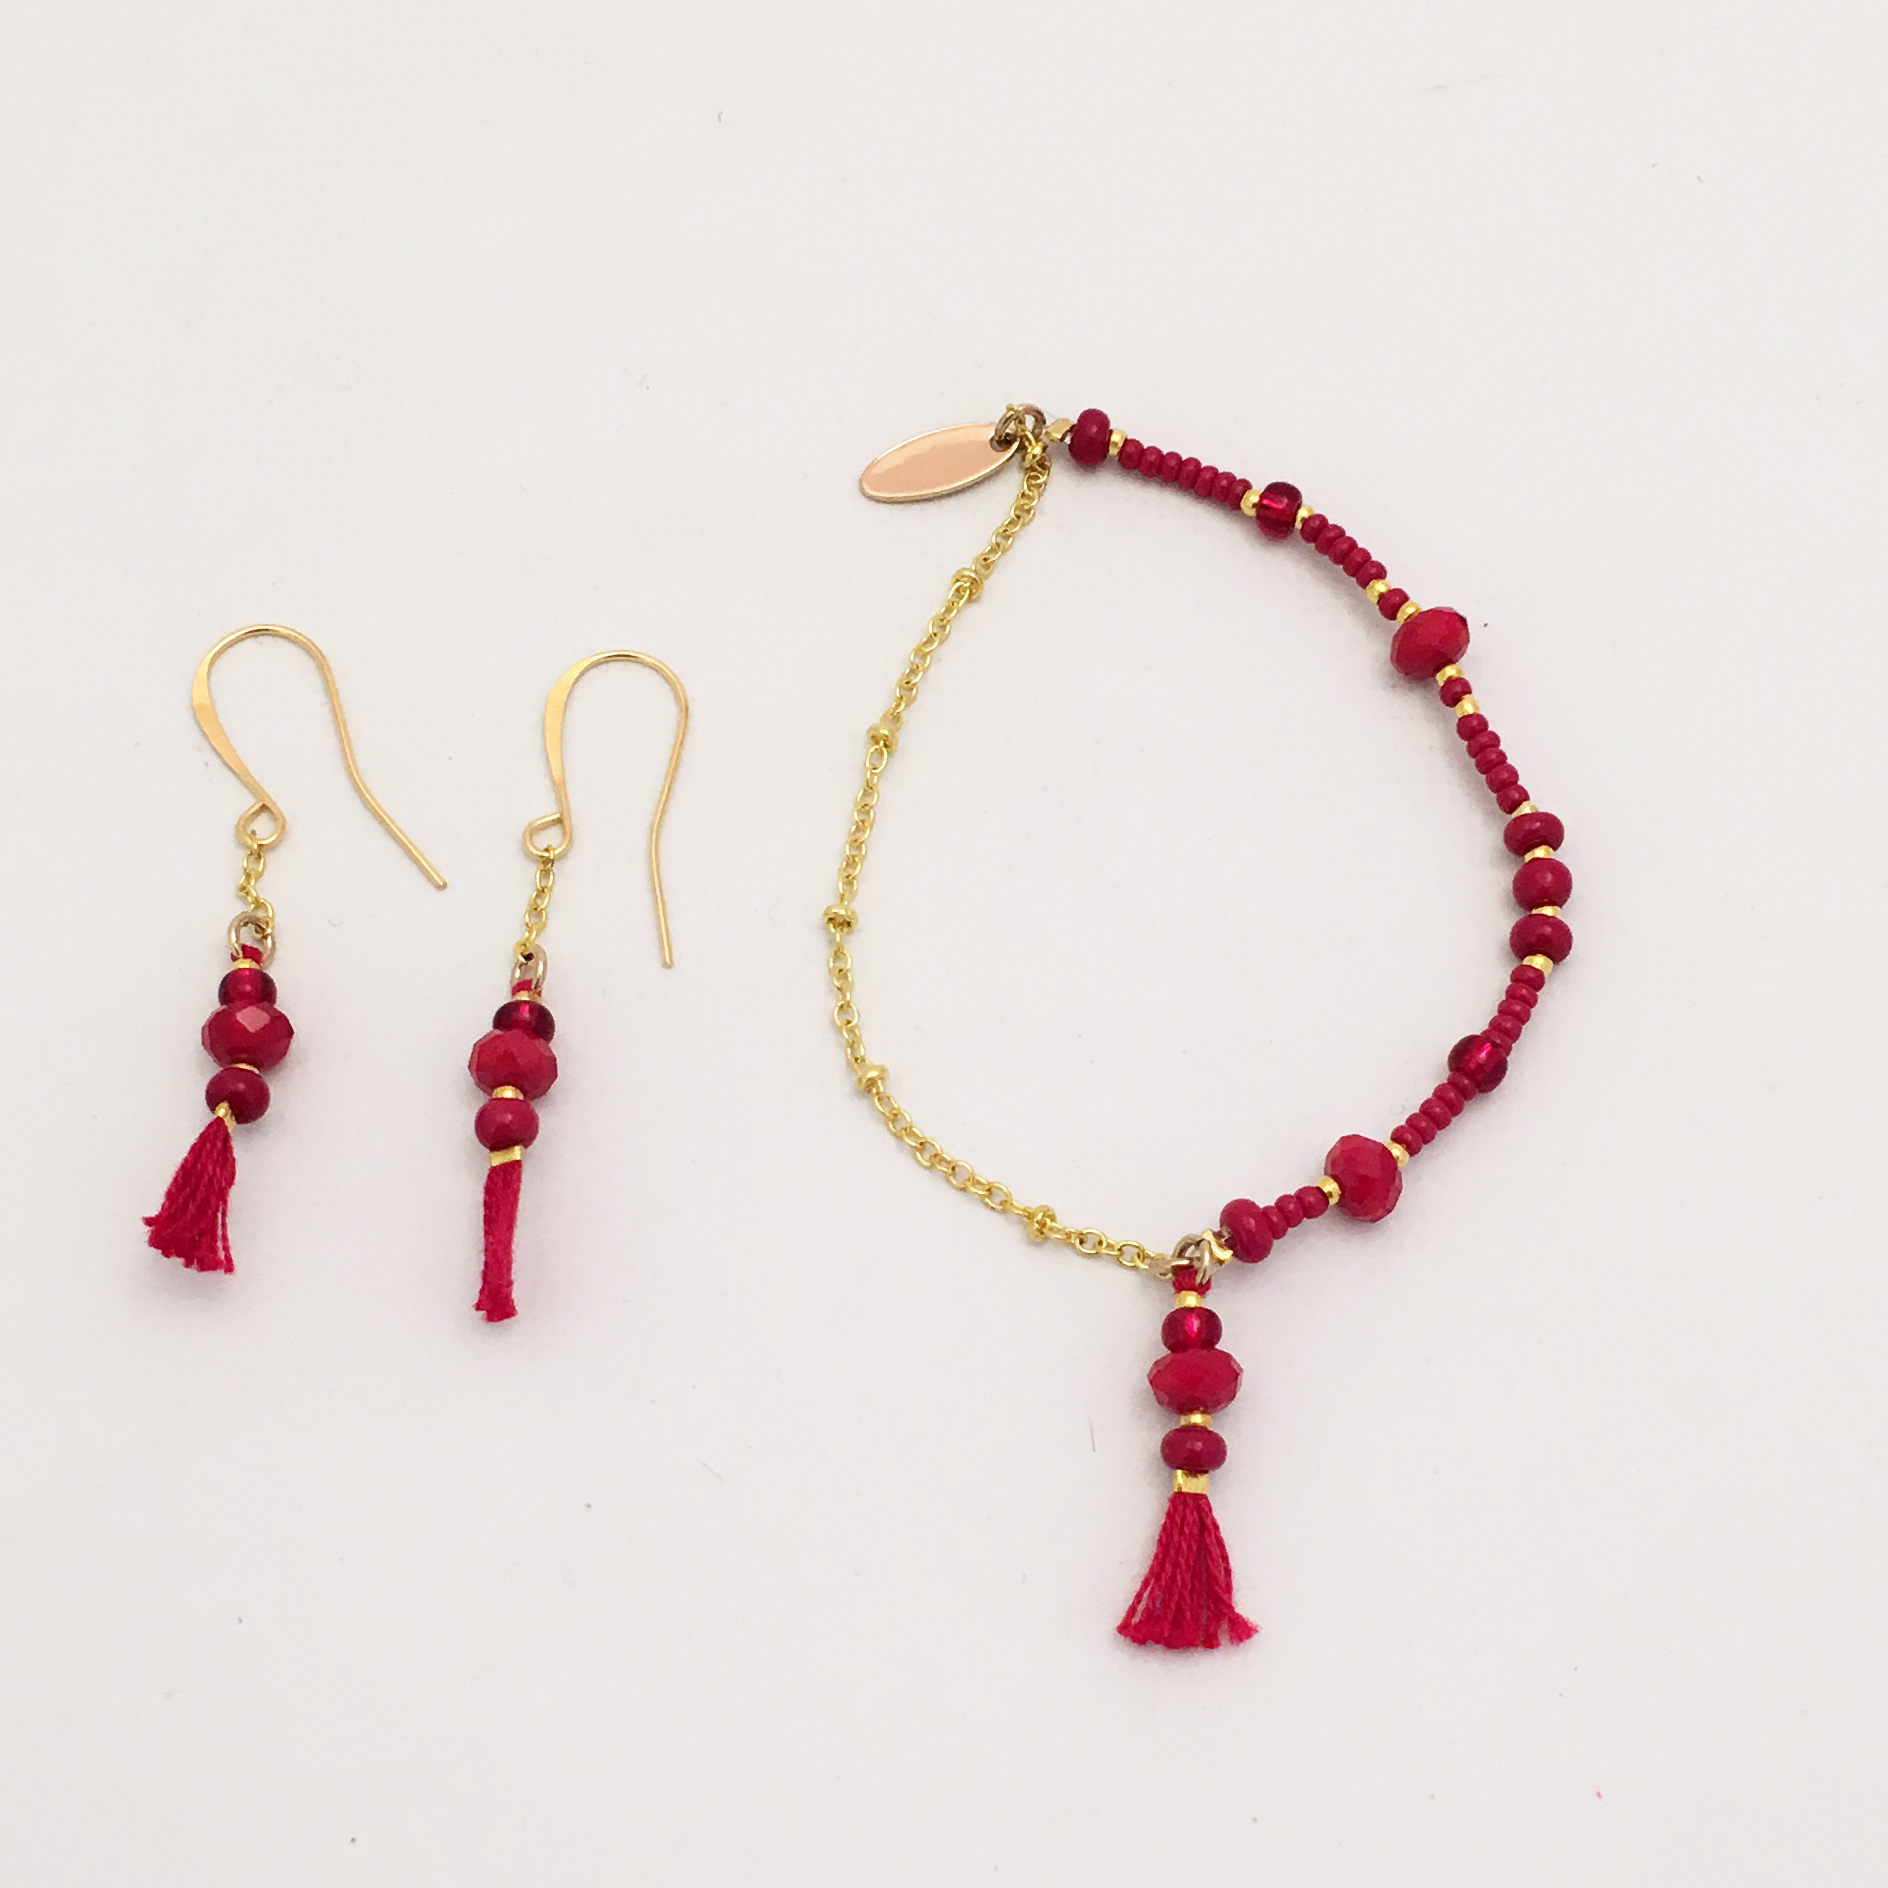 Juanplatero, örhänge, armband röd, minicharm, fairtrade, smycke, hantverk, guatemala, fairmonkey (14)